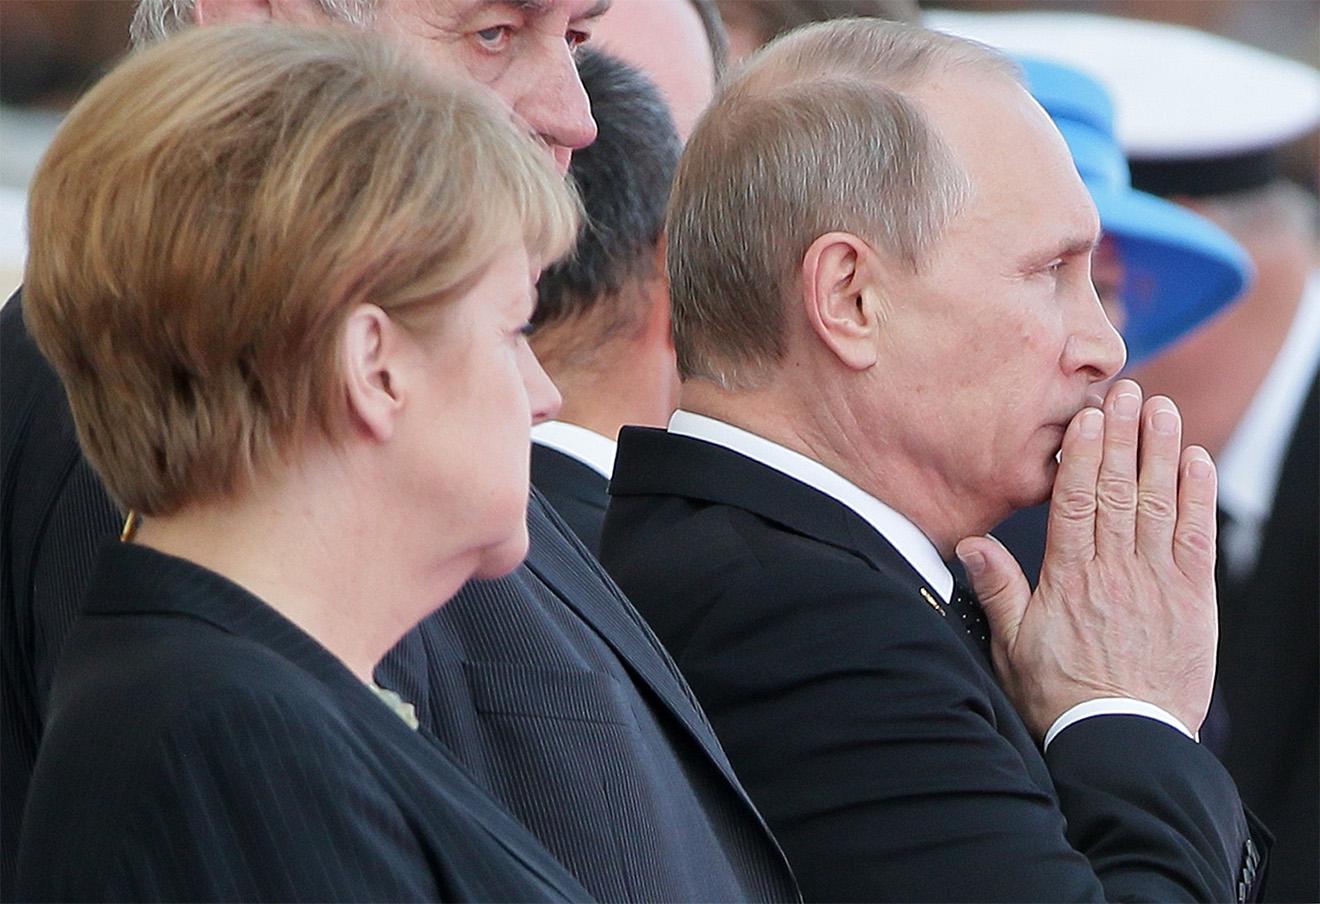 Канцлер Германии Ангела Меркель и президент России Владимир Путин. Фото: Михаил Метцель / ТАСС